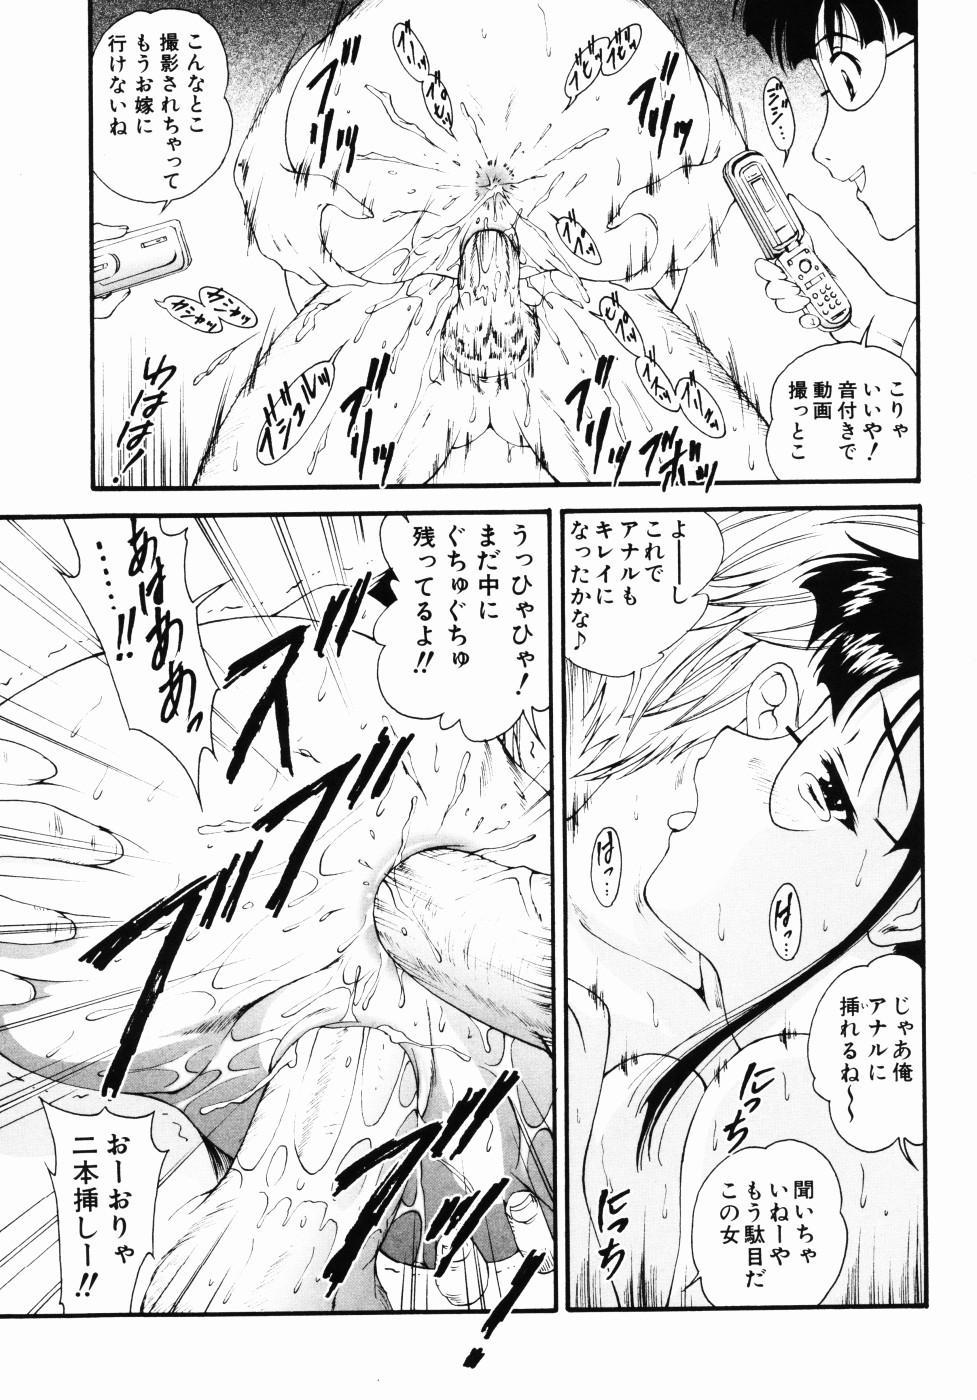 Daikyou Megami 47